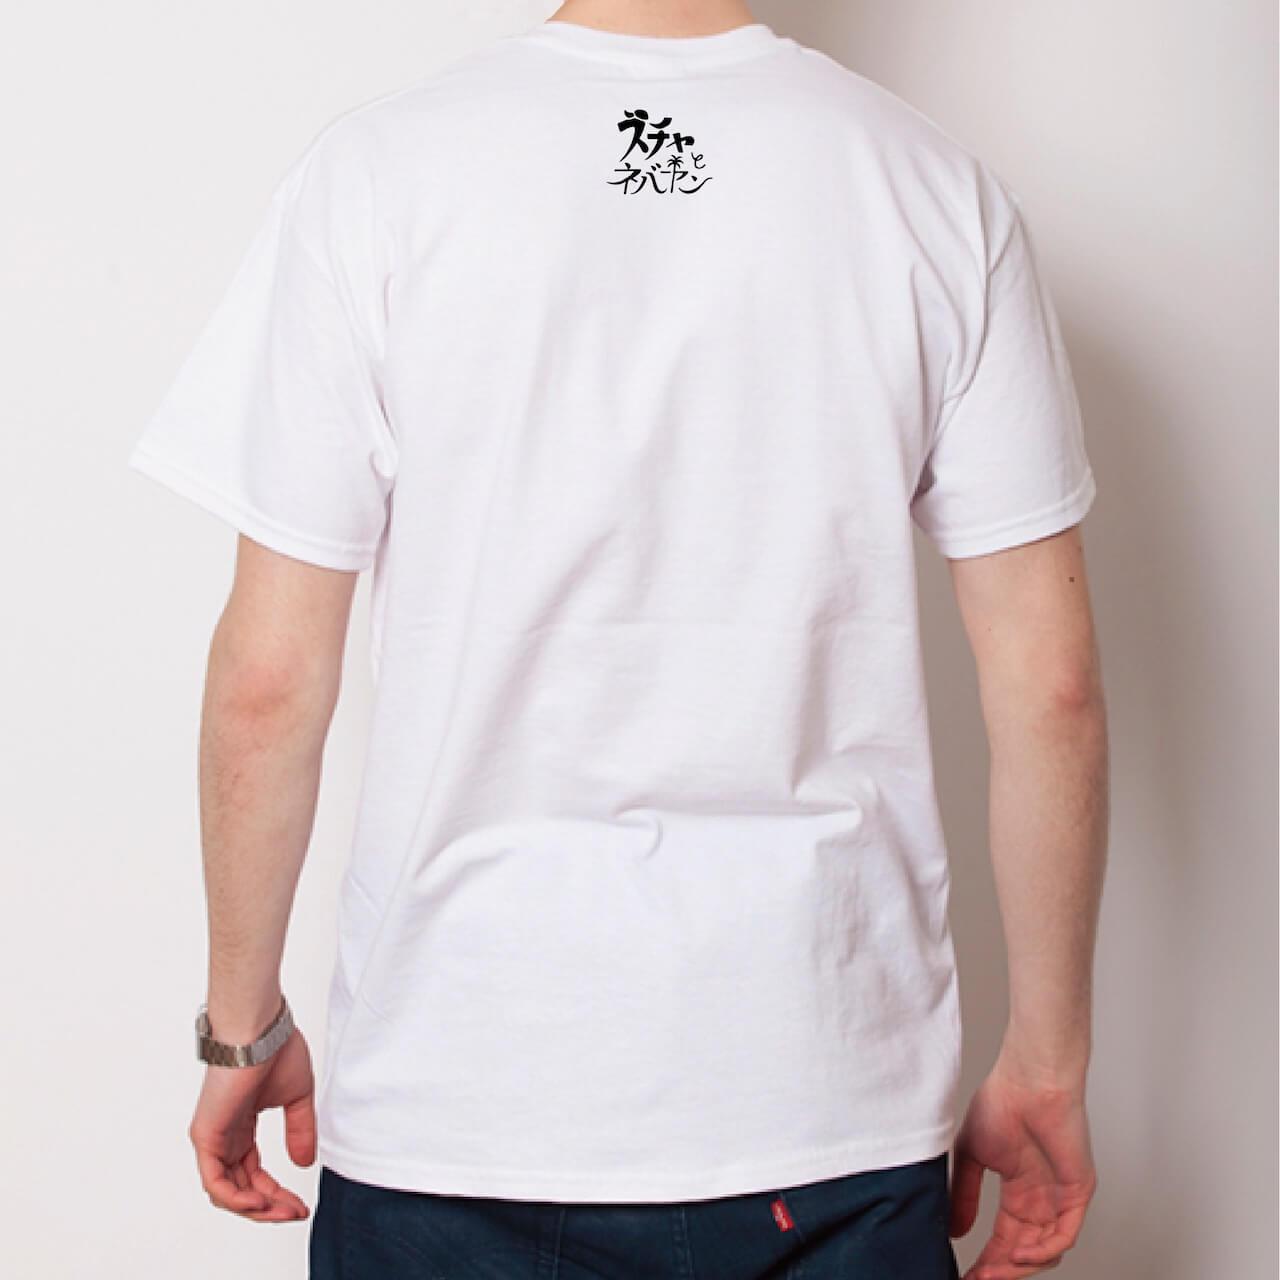 「スチャとネバヤン」話題のコラボからオリジナルTシャツとロンTが発売決定 music210928-schadaraparr-neveryoungbeach-3